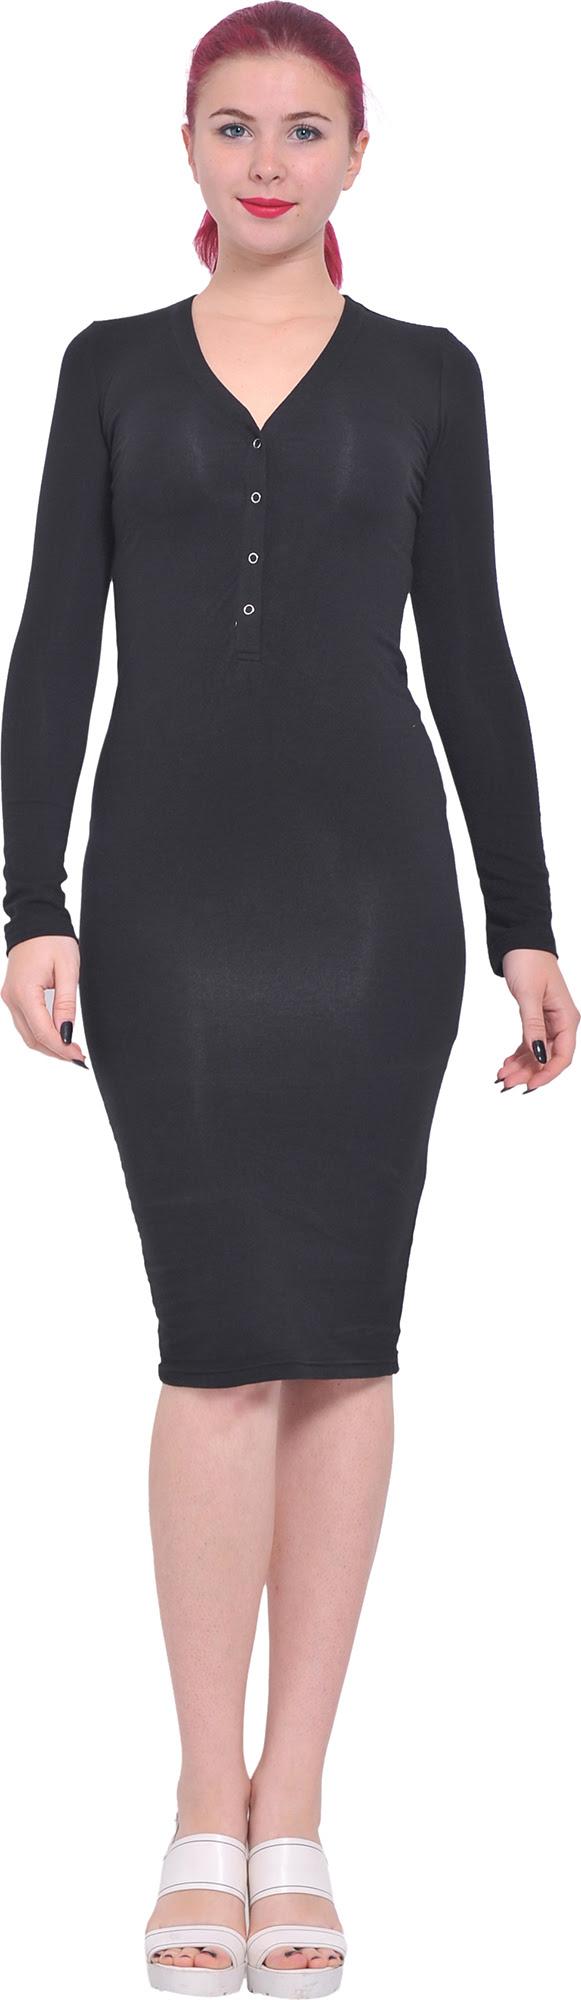 Street auckland knee dress long length sleeve bodycon